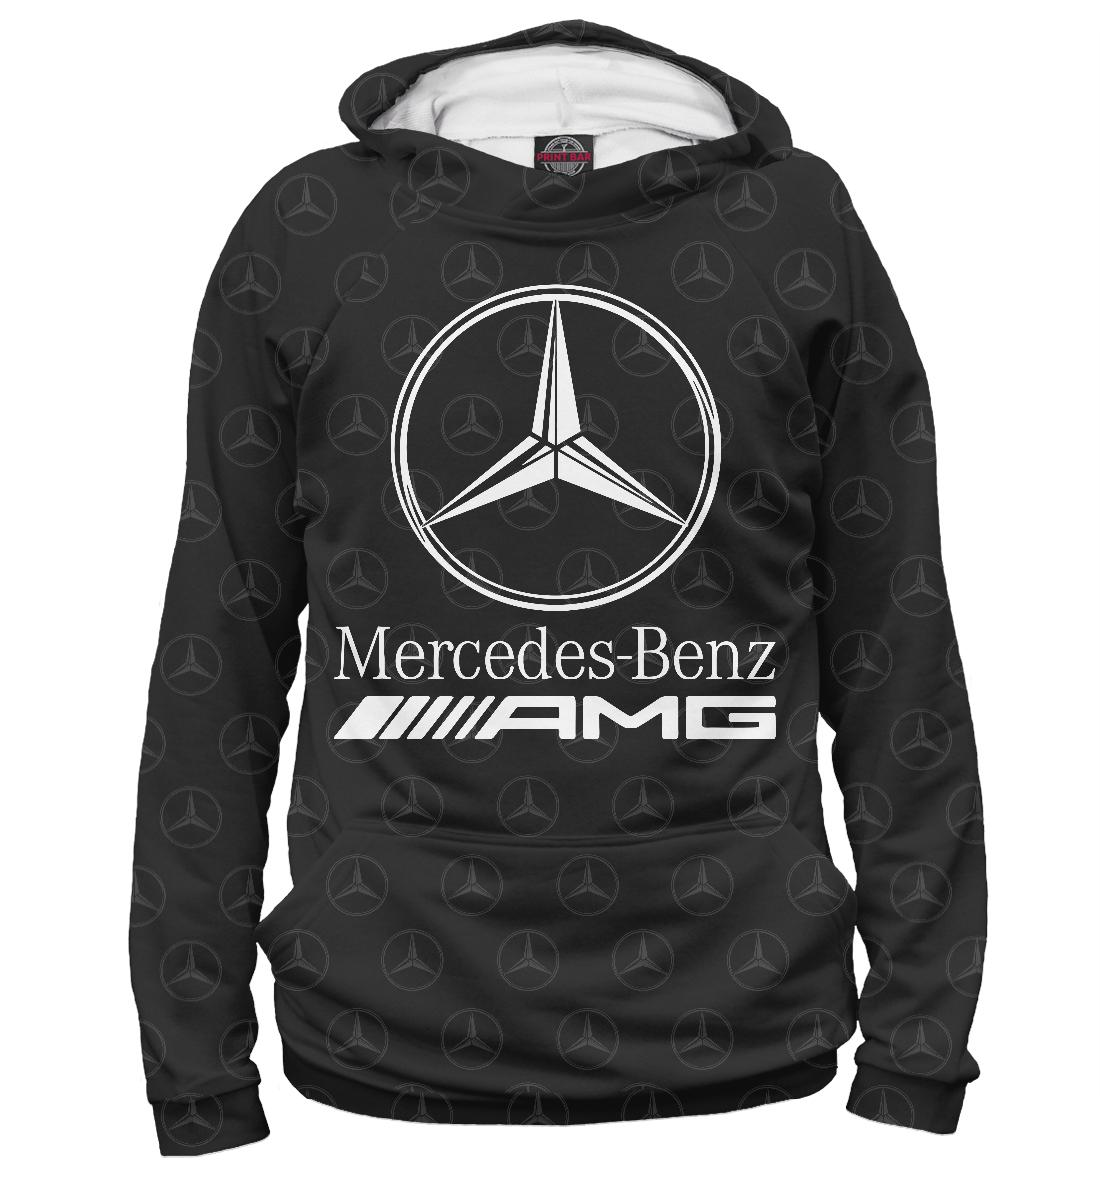 Купить Mercedes-Benz AMG Premium, Printbar, Худи, MER-425413-hud-2